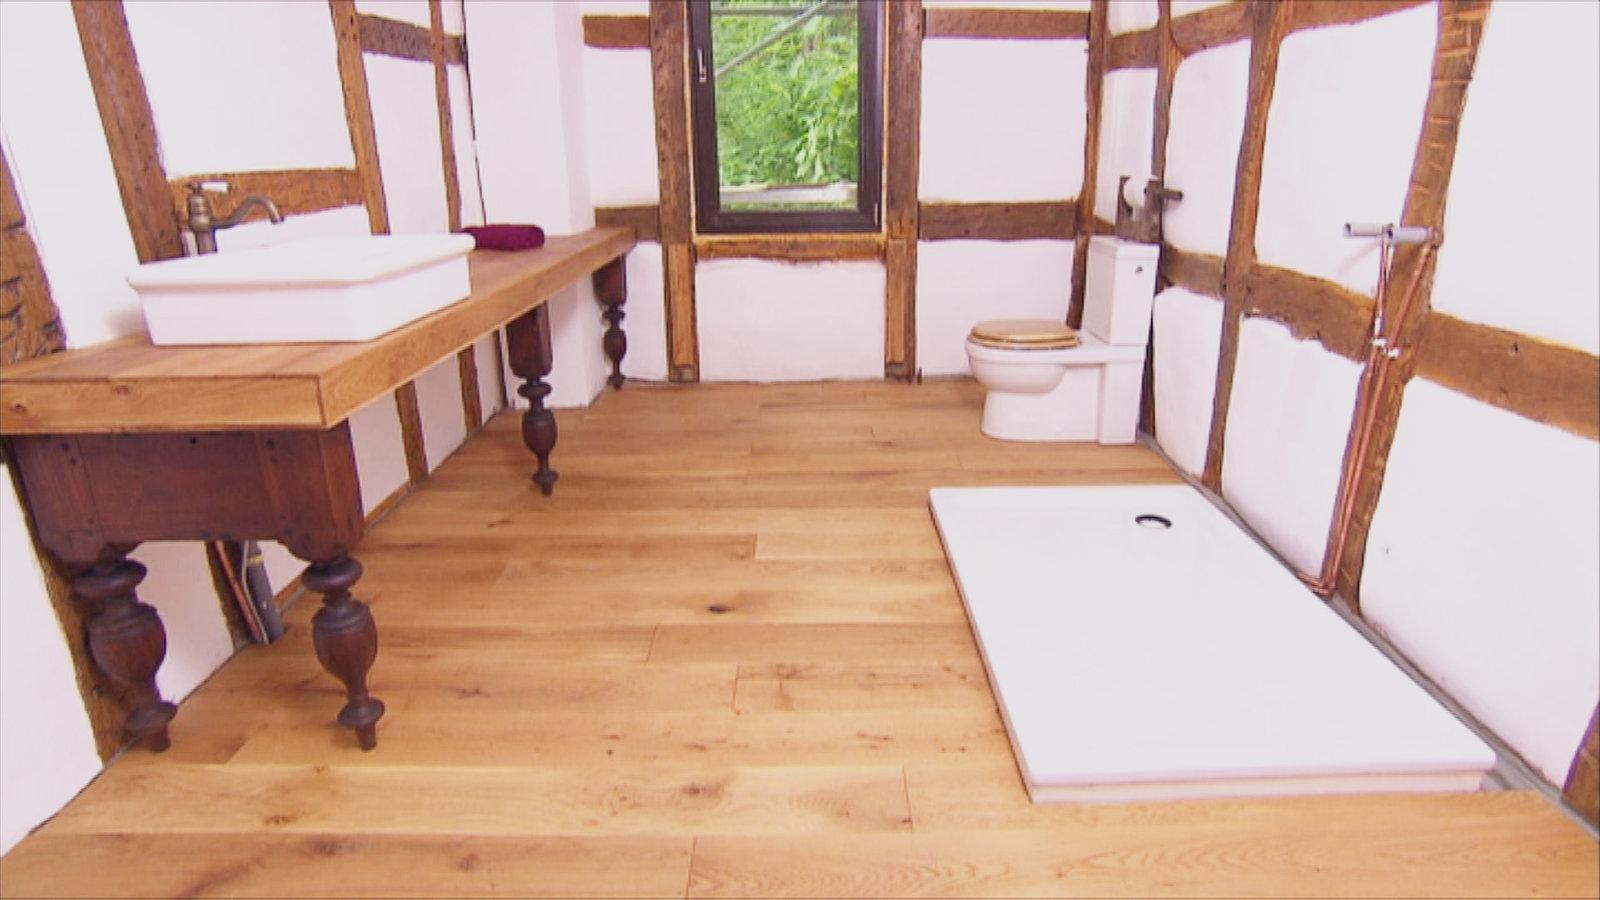 Extremely So klappt es mit Holz im Badezimmer - Wohnen - Verbraucher - WDR CL62